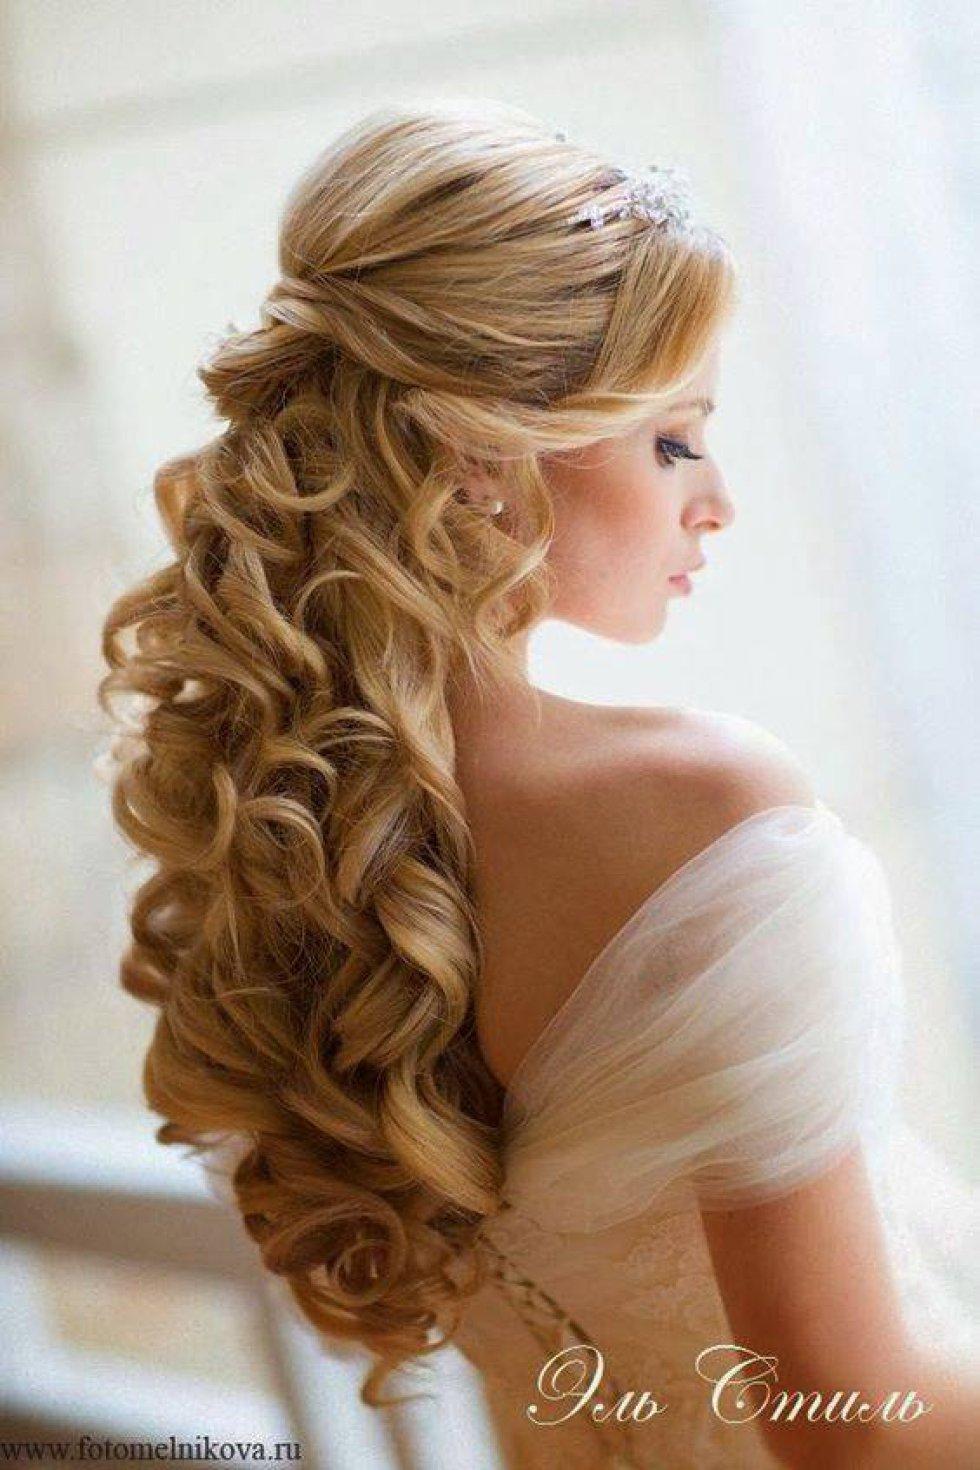 La acaban de invitar a una boda y no tiene suficiente dinero hagáse uno de estos peinados.